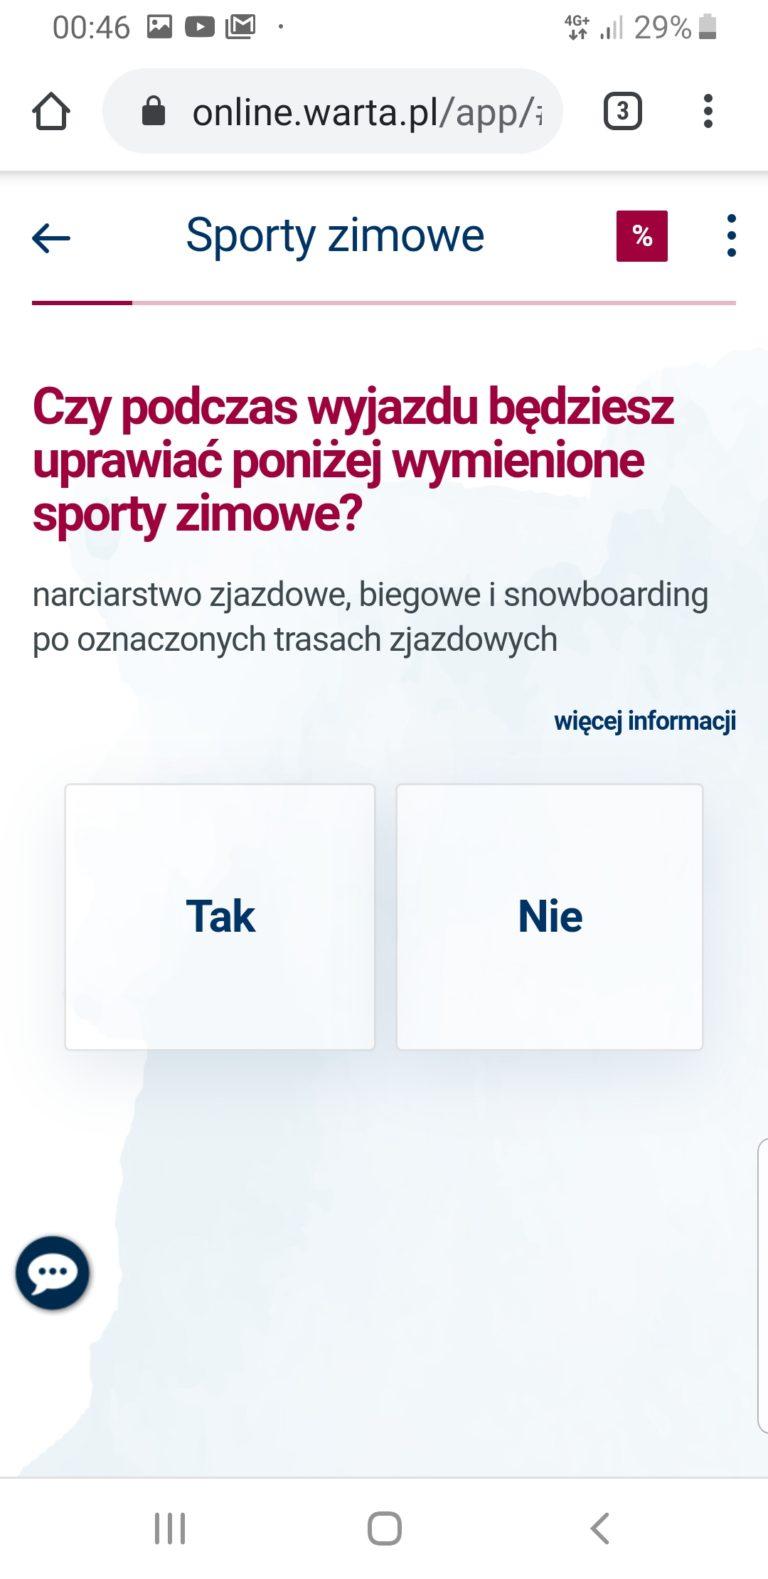 ubezpieczenie na narty za granicą warta travel online - zimowe sporty uprawiane amatorsko